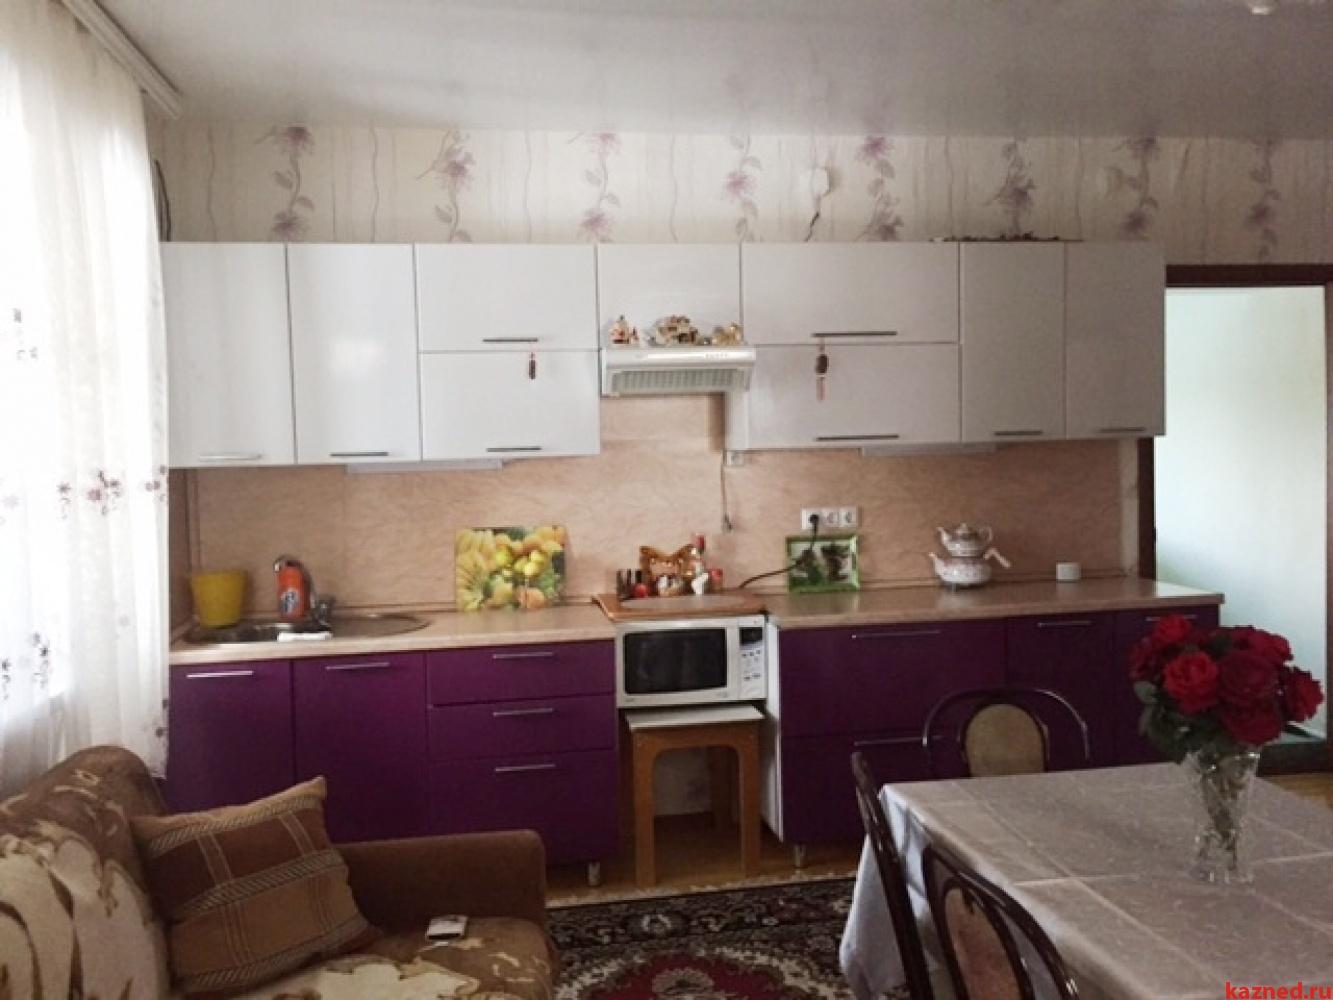 Продажа  Дома пос.Залесный, ул. Варшавская, 115 м2  (миниатюра №3)